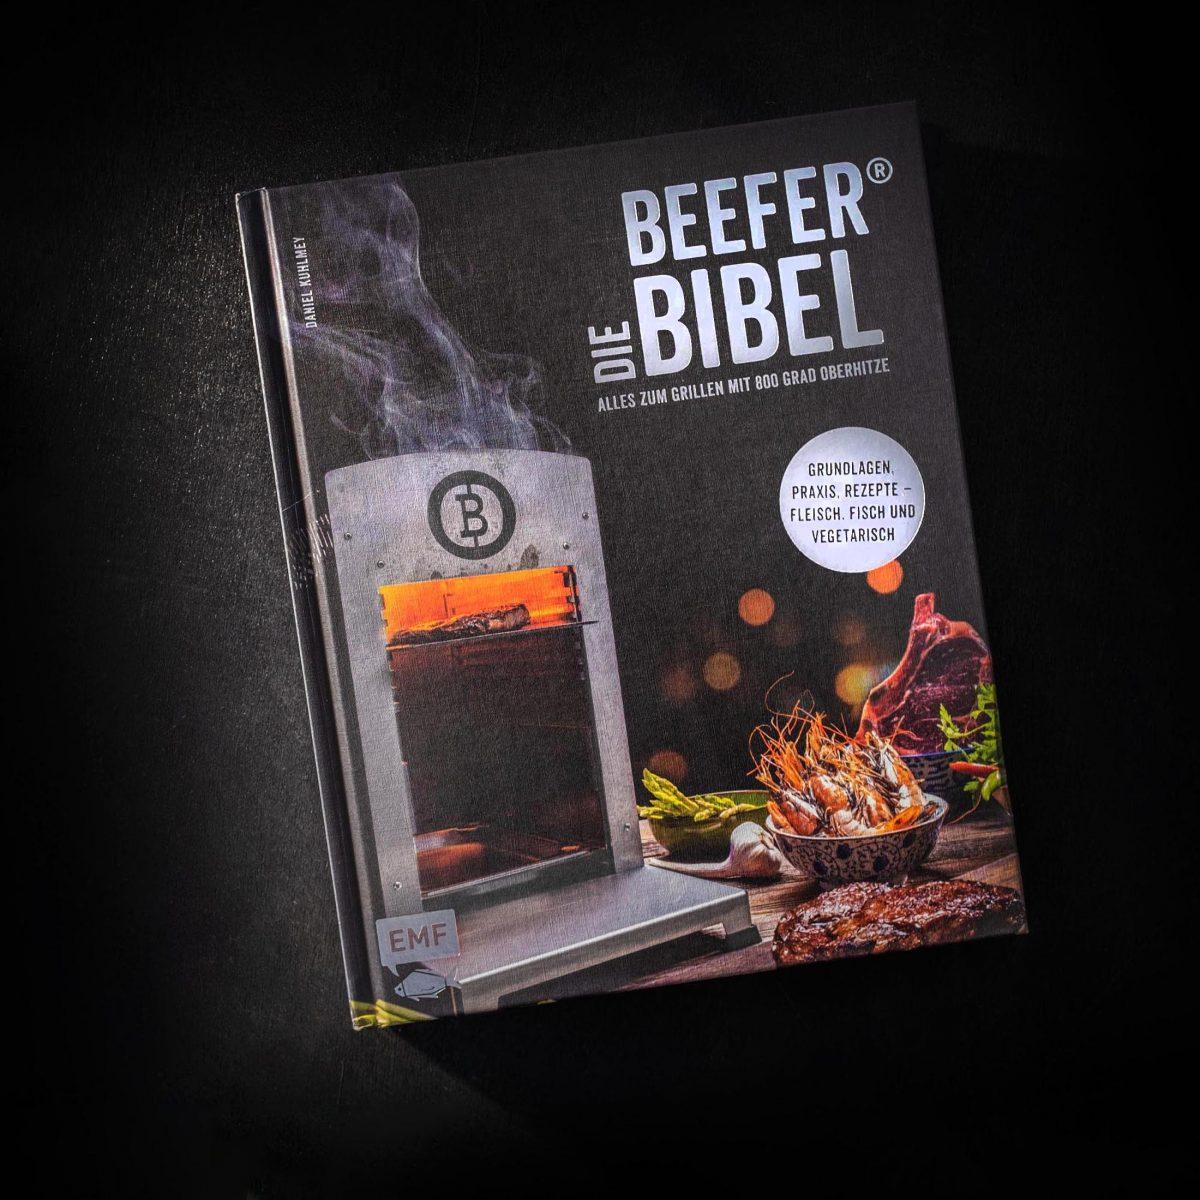 Die Beefer Bibel - Daniel Kuhlmey